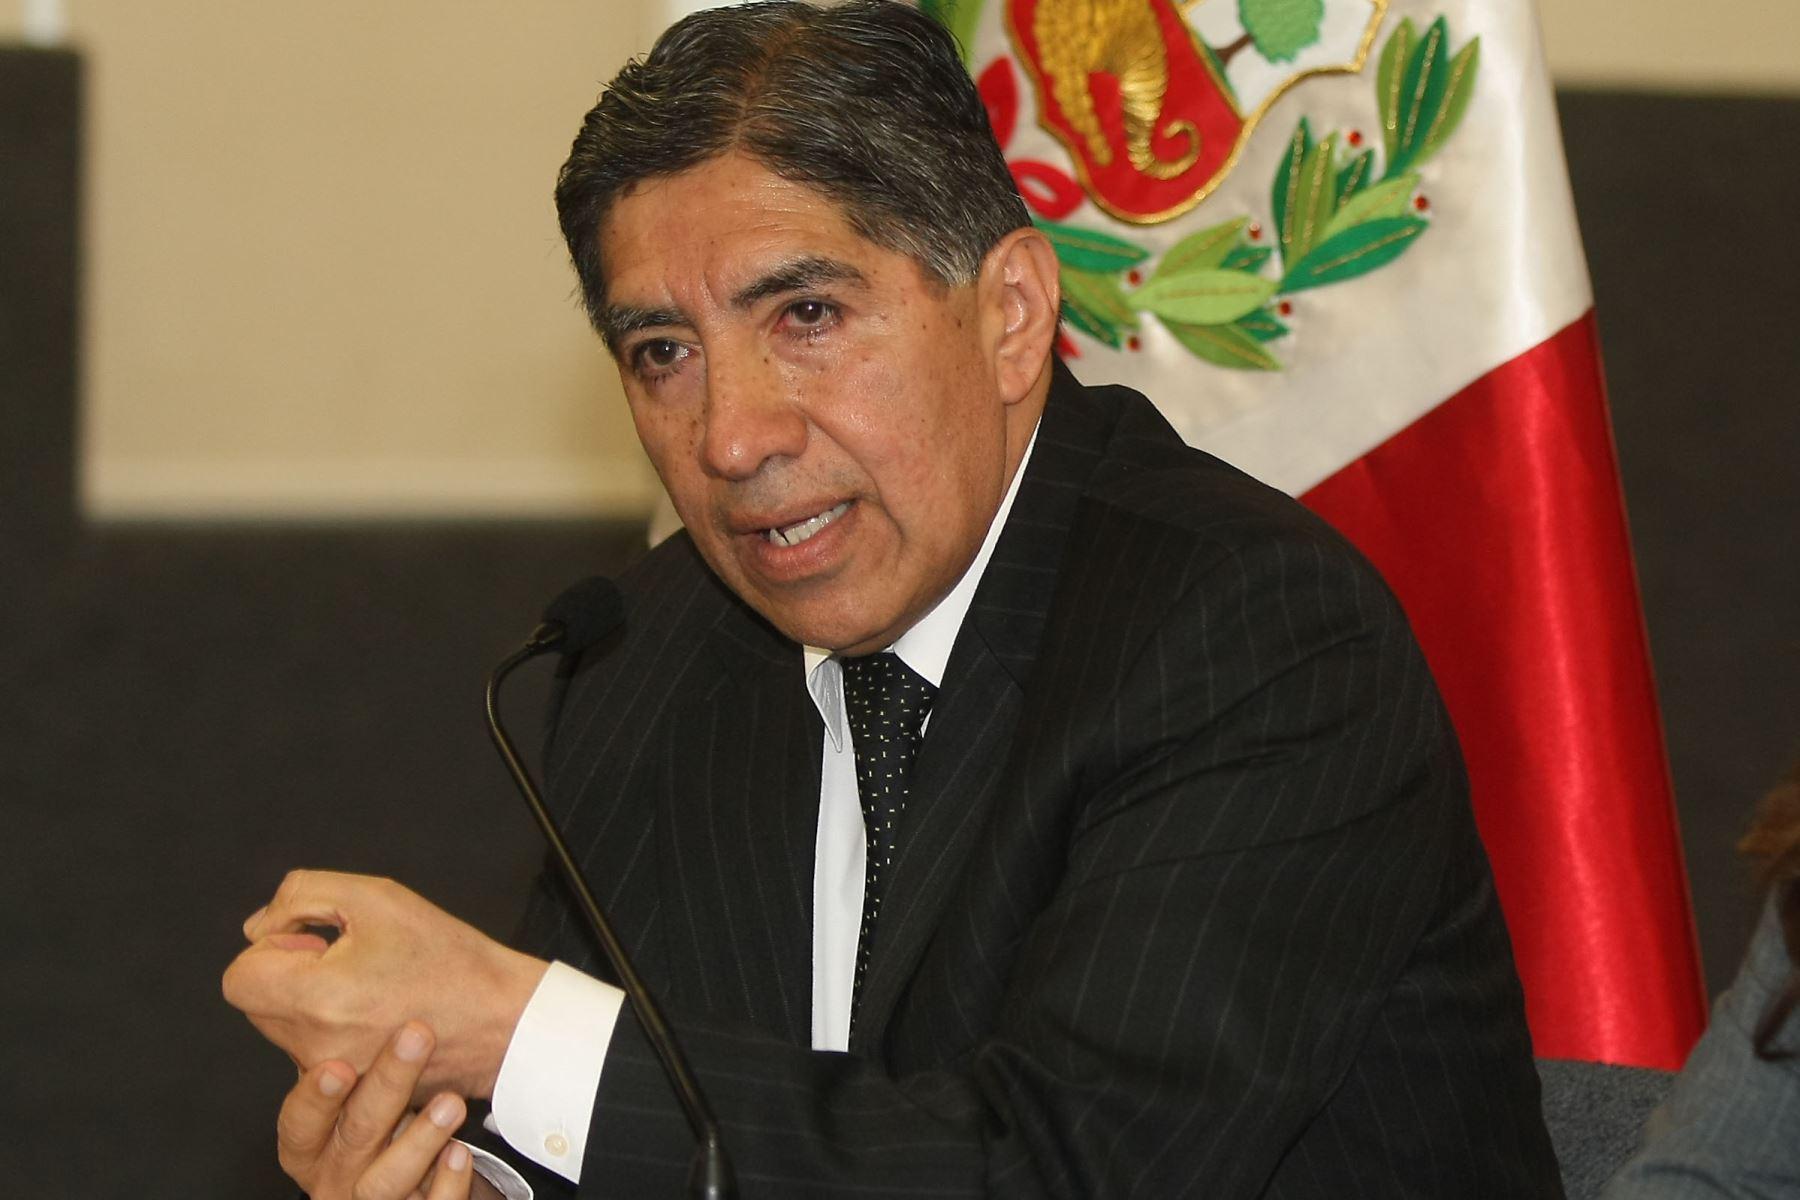 Pronunciamiento: Rechazamos el brutal ataque contra el exfiscal Avelino Guillén y exigimos urgente actuación de las autoridades